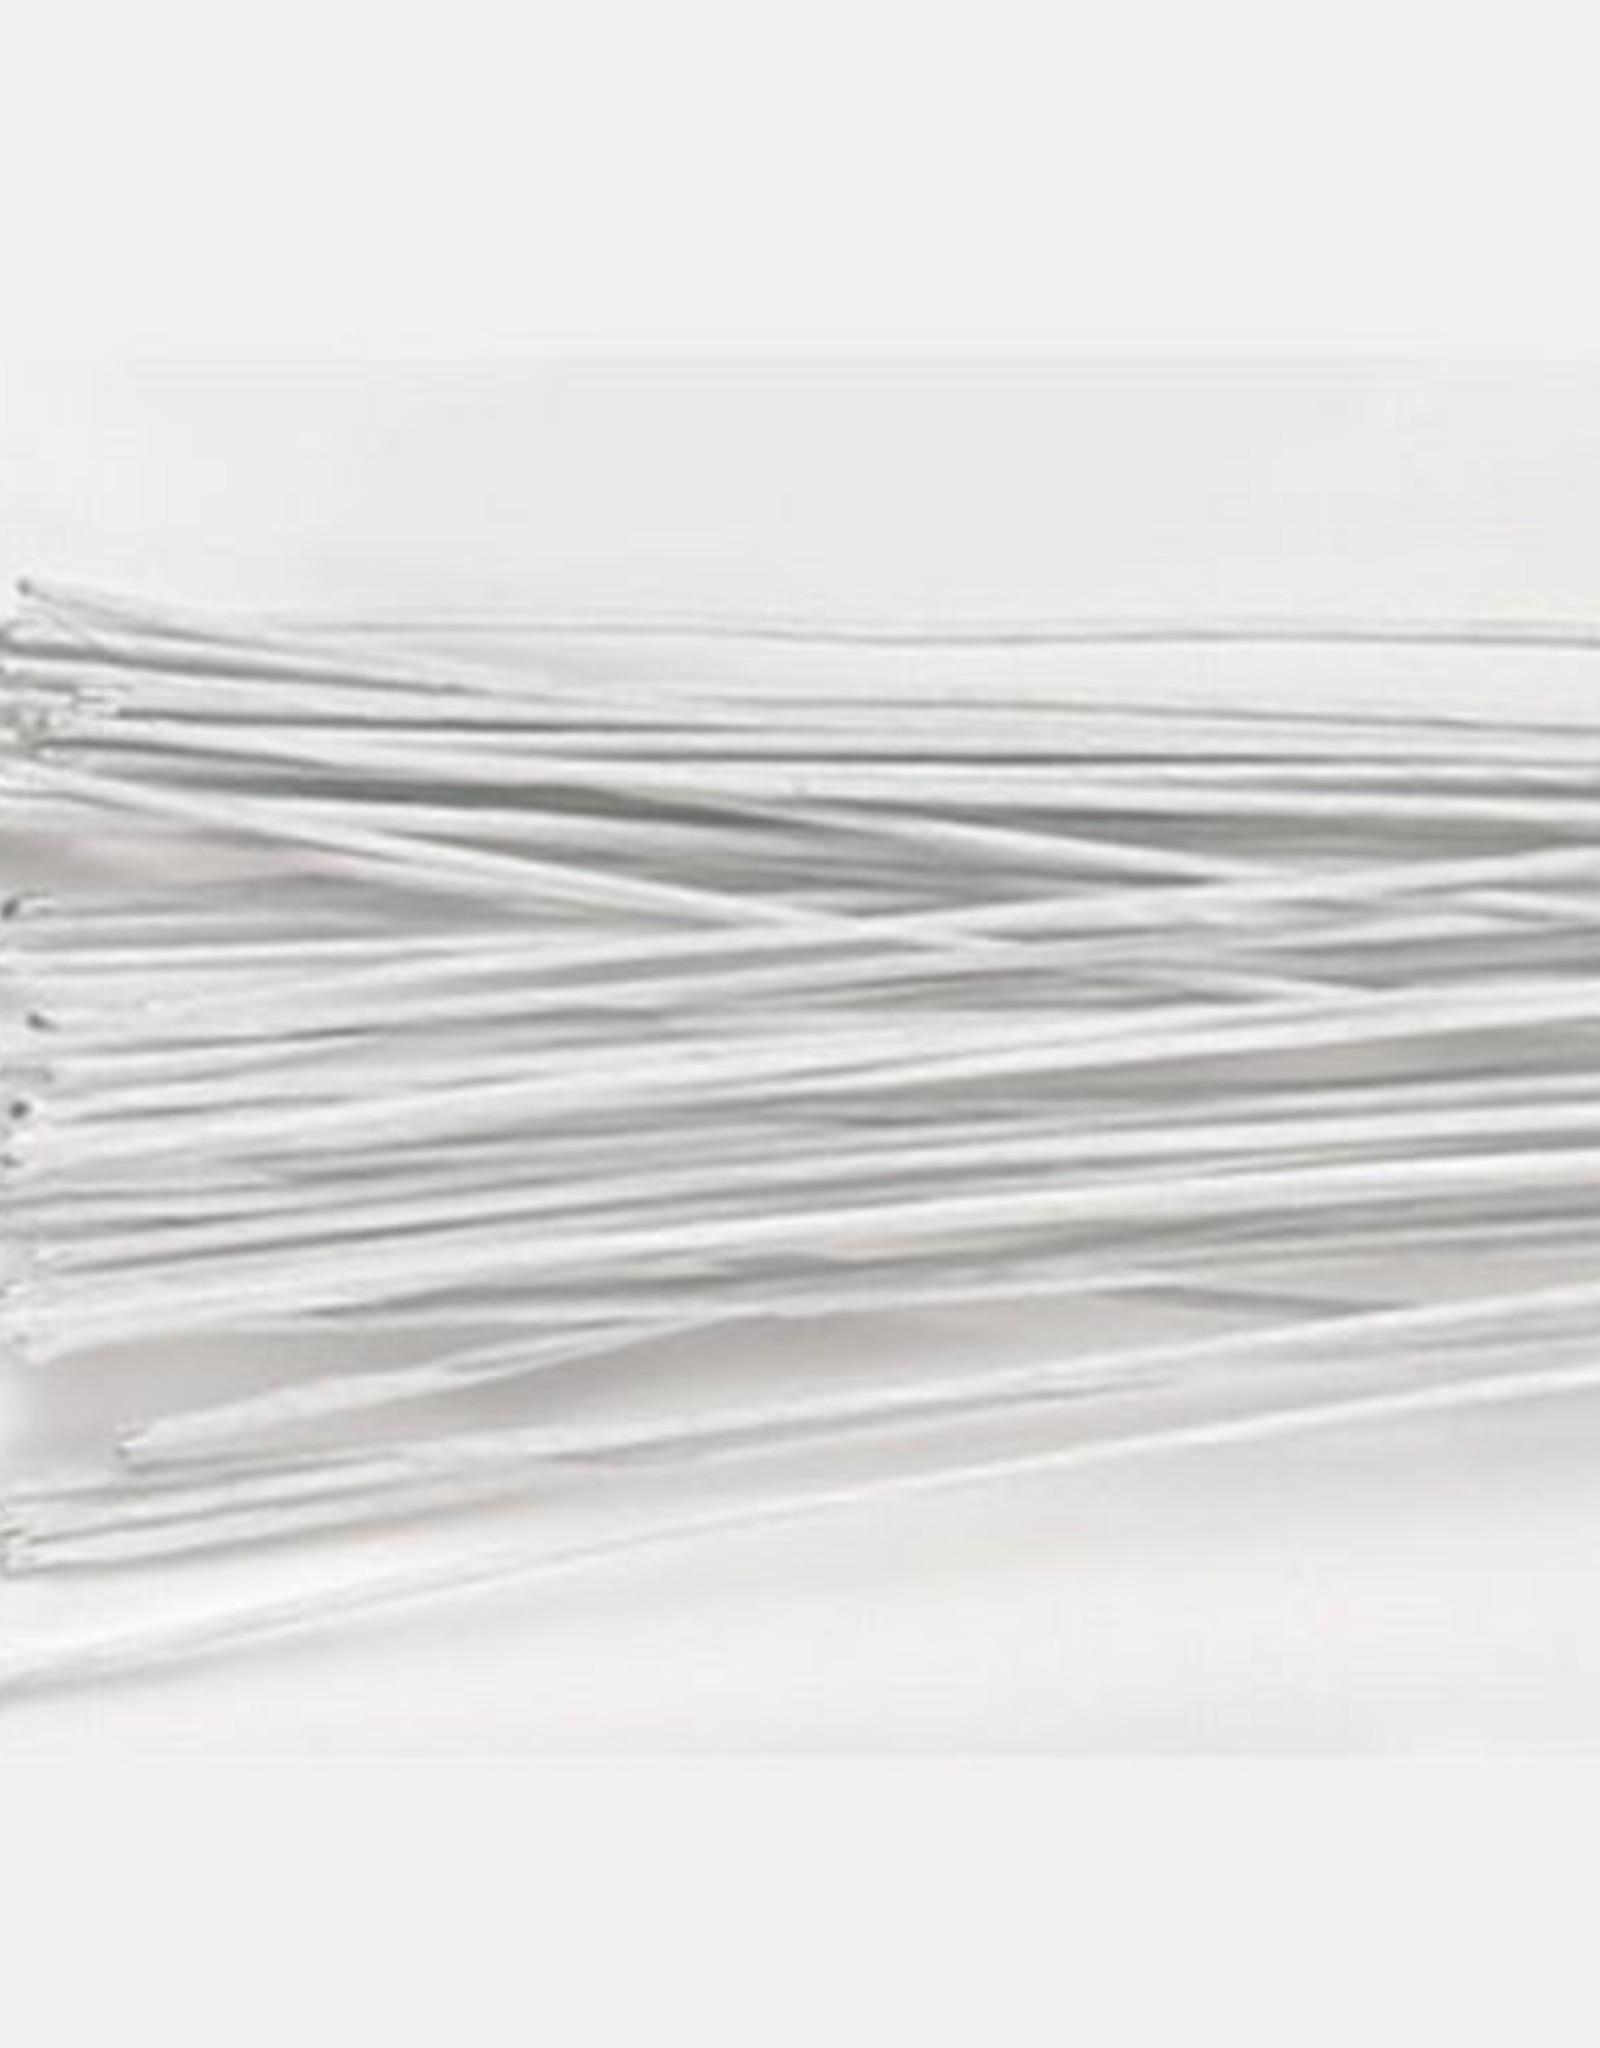 Culpitt Culpitt Floral Wire White set/50 -26 gauge-